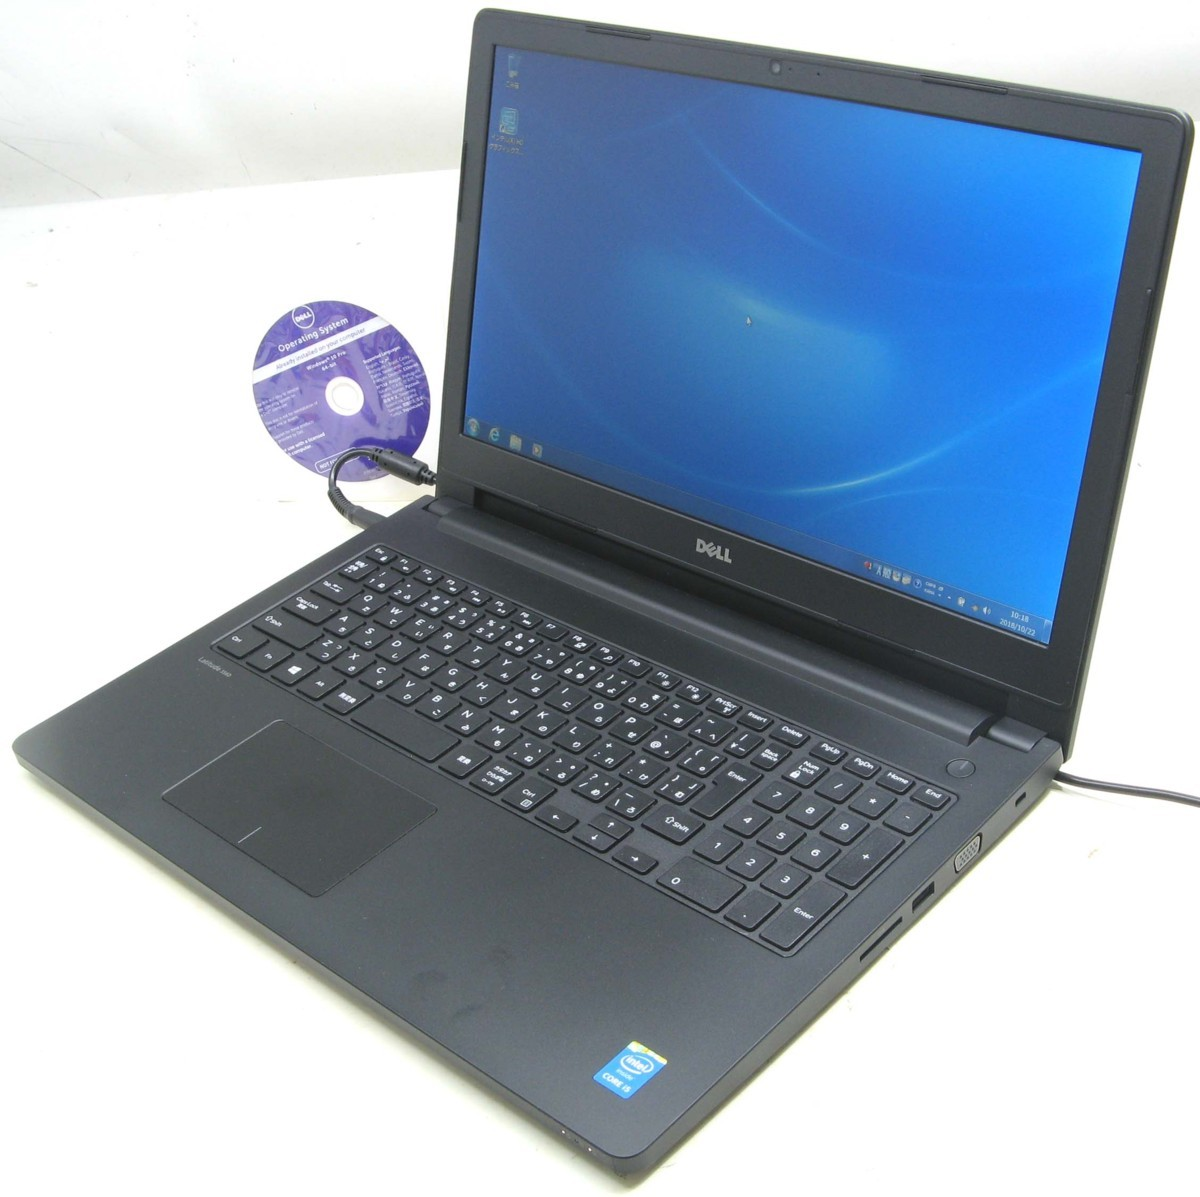 中古ノートパソコン DELL Latitude 3560-2200HD(デル Windows7 Corei5 HDMI出力端子)【中古】【中古パソコン/中古PC】